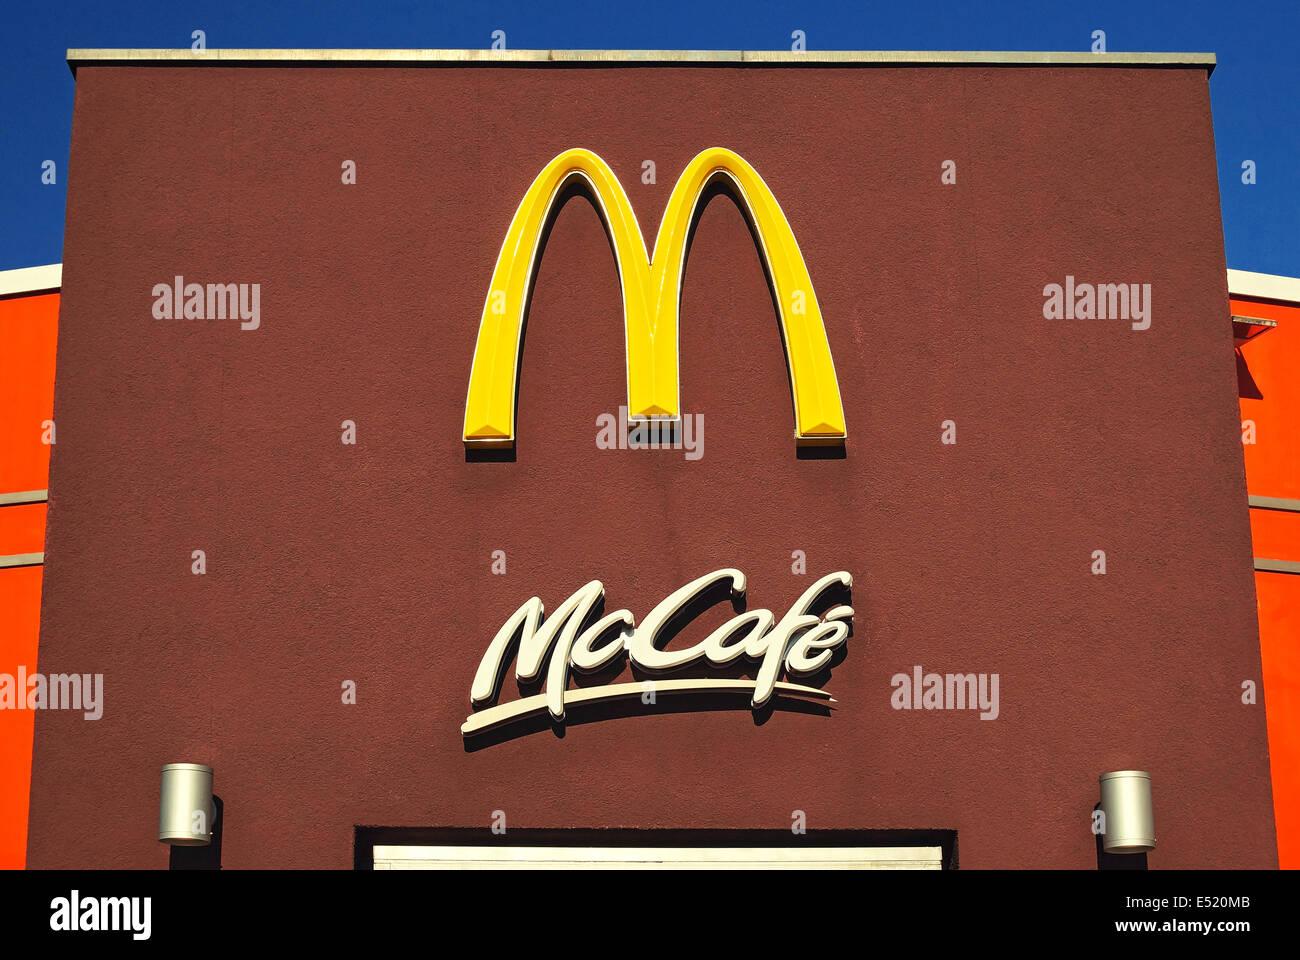 McDonalds Logo - Stock Image